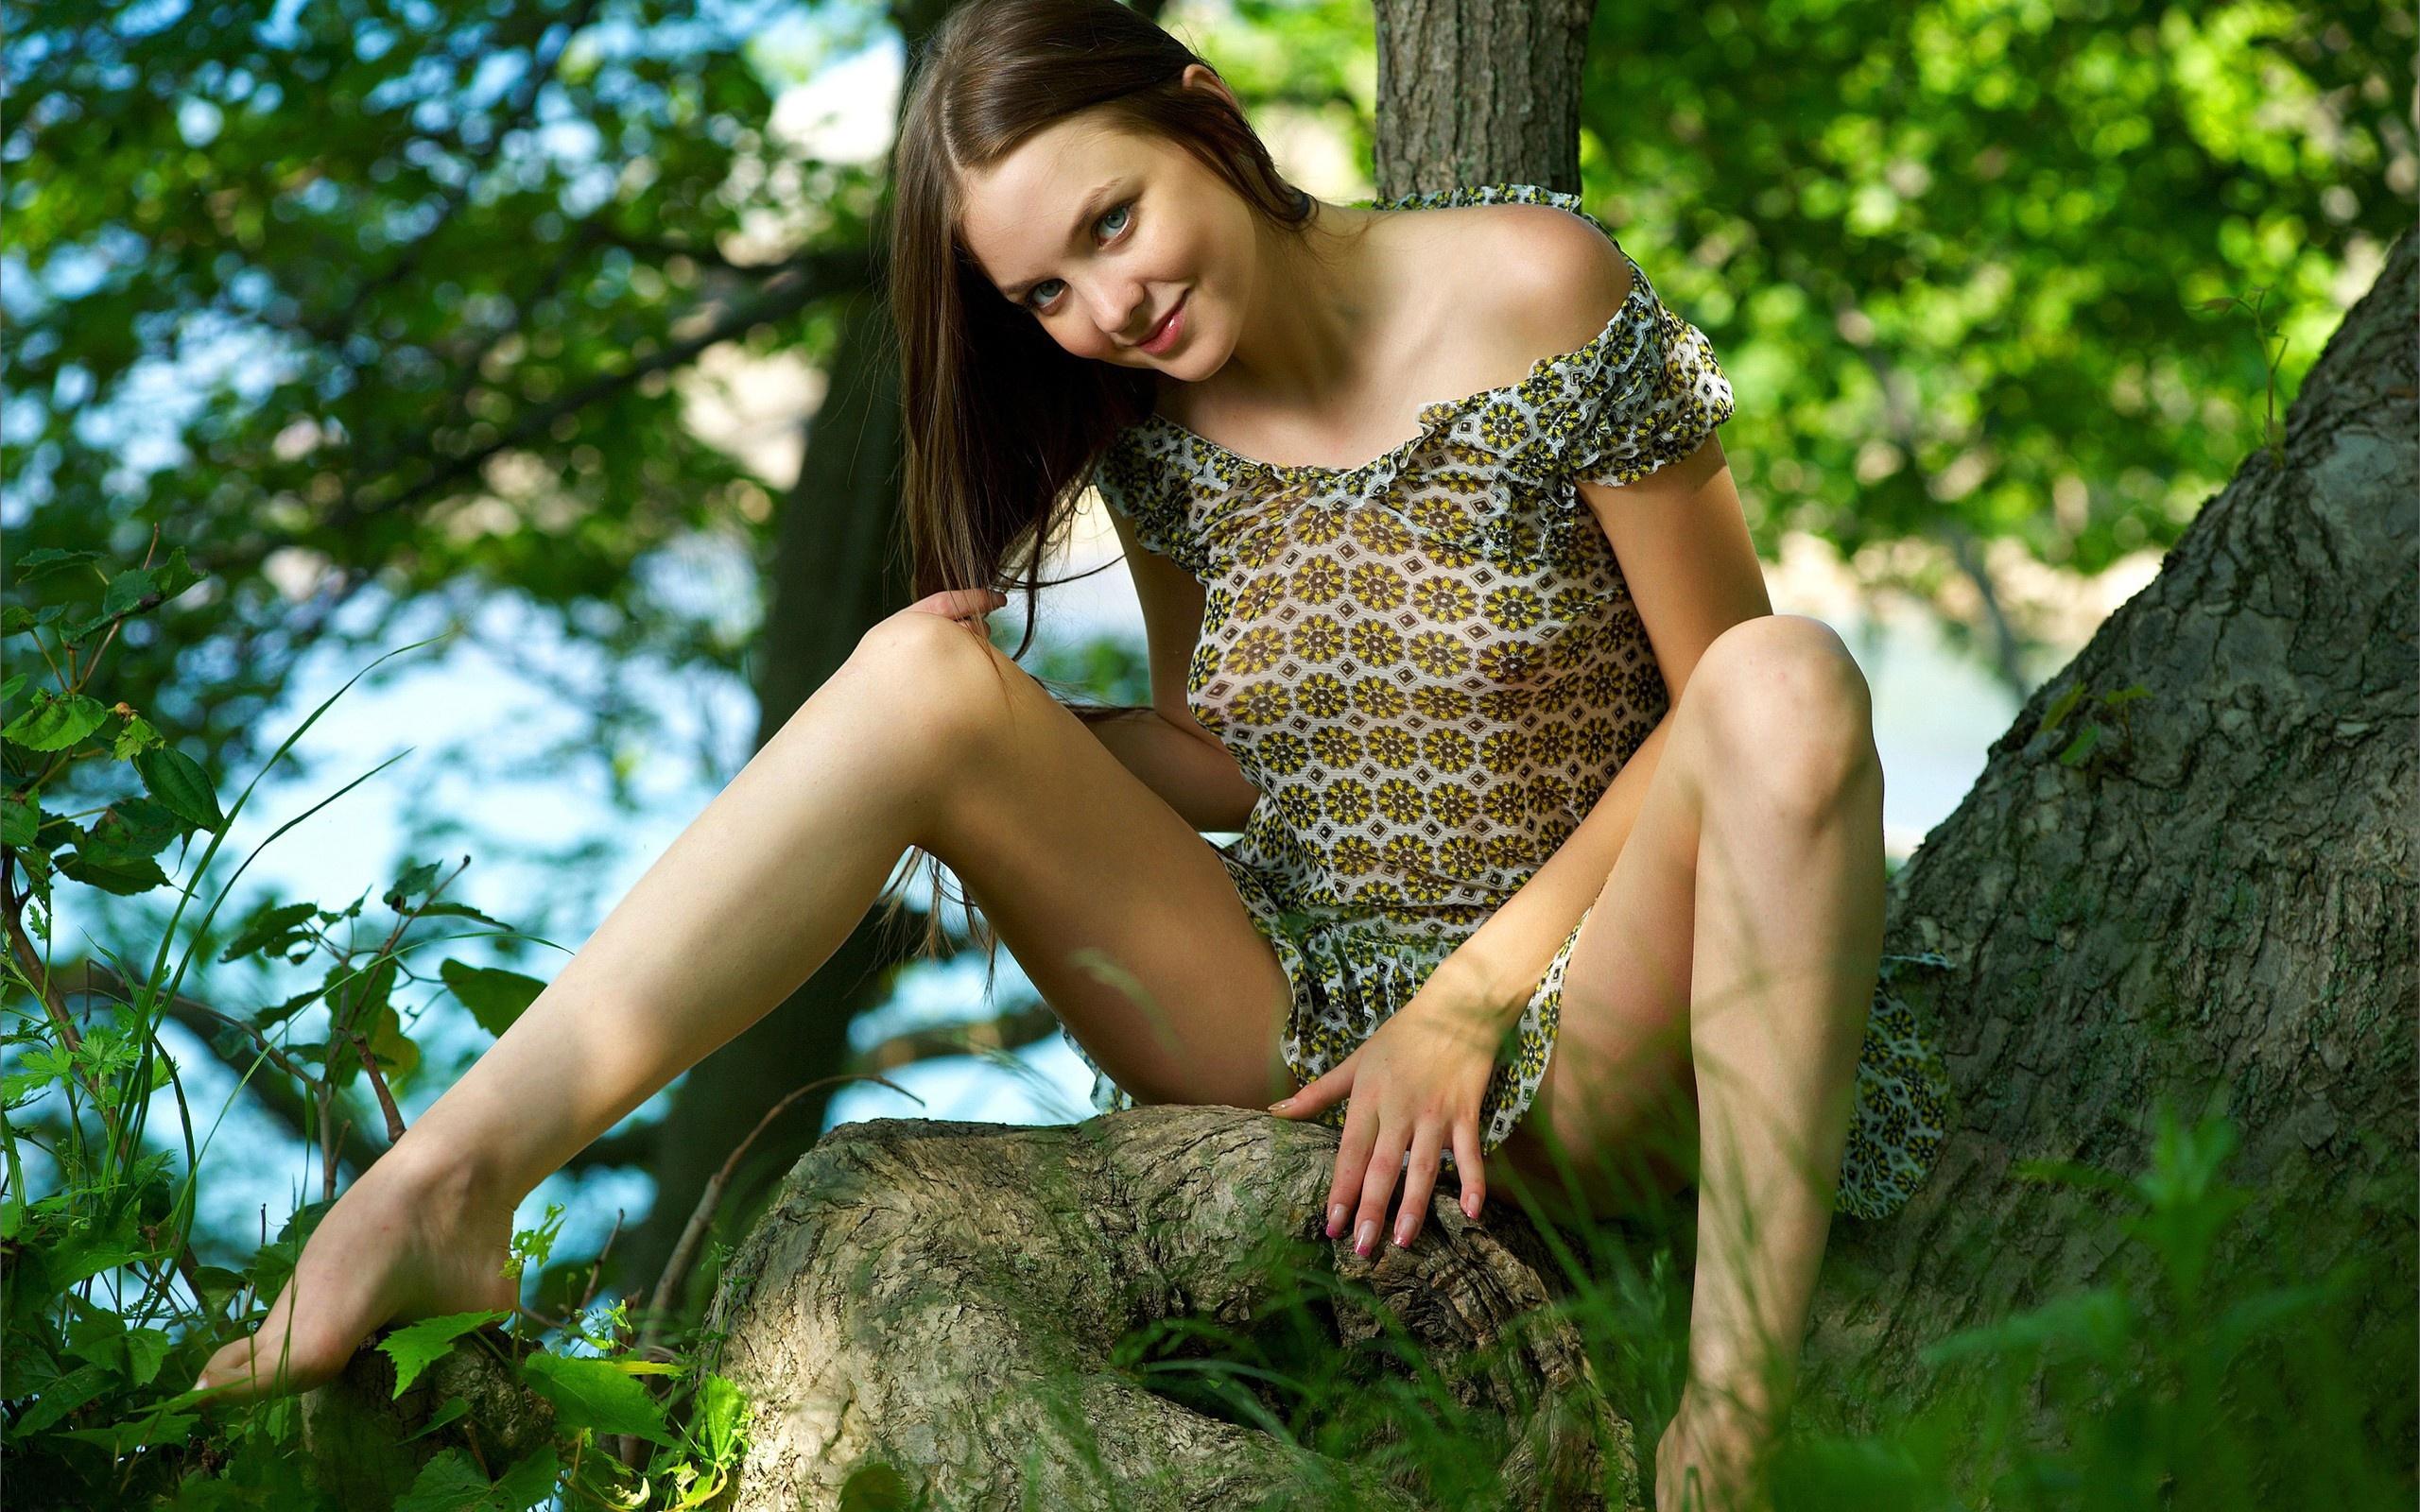 Раздвинь ножки девочка 16 фотография